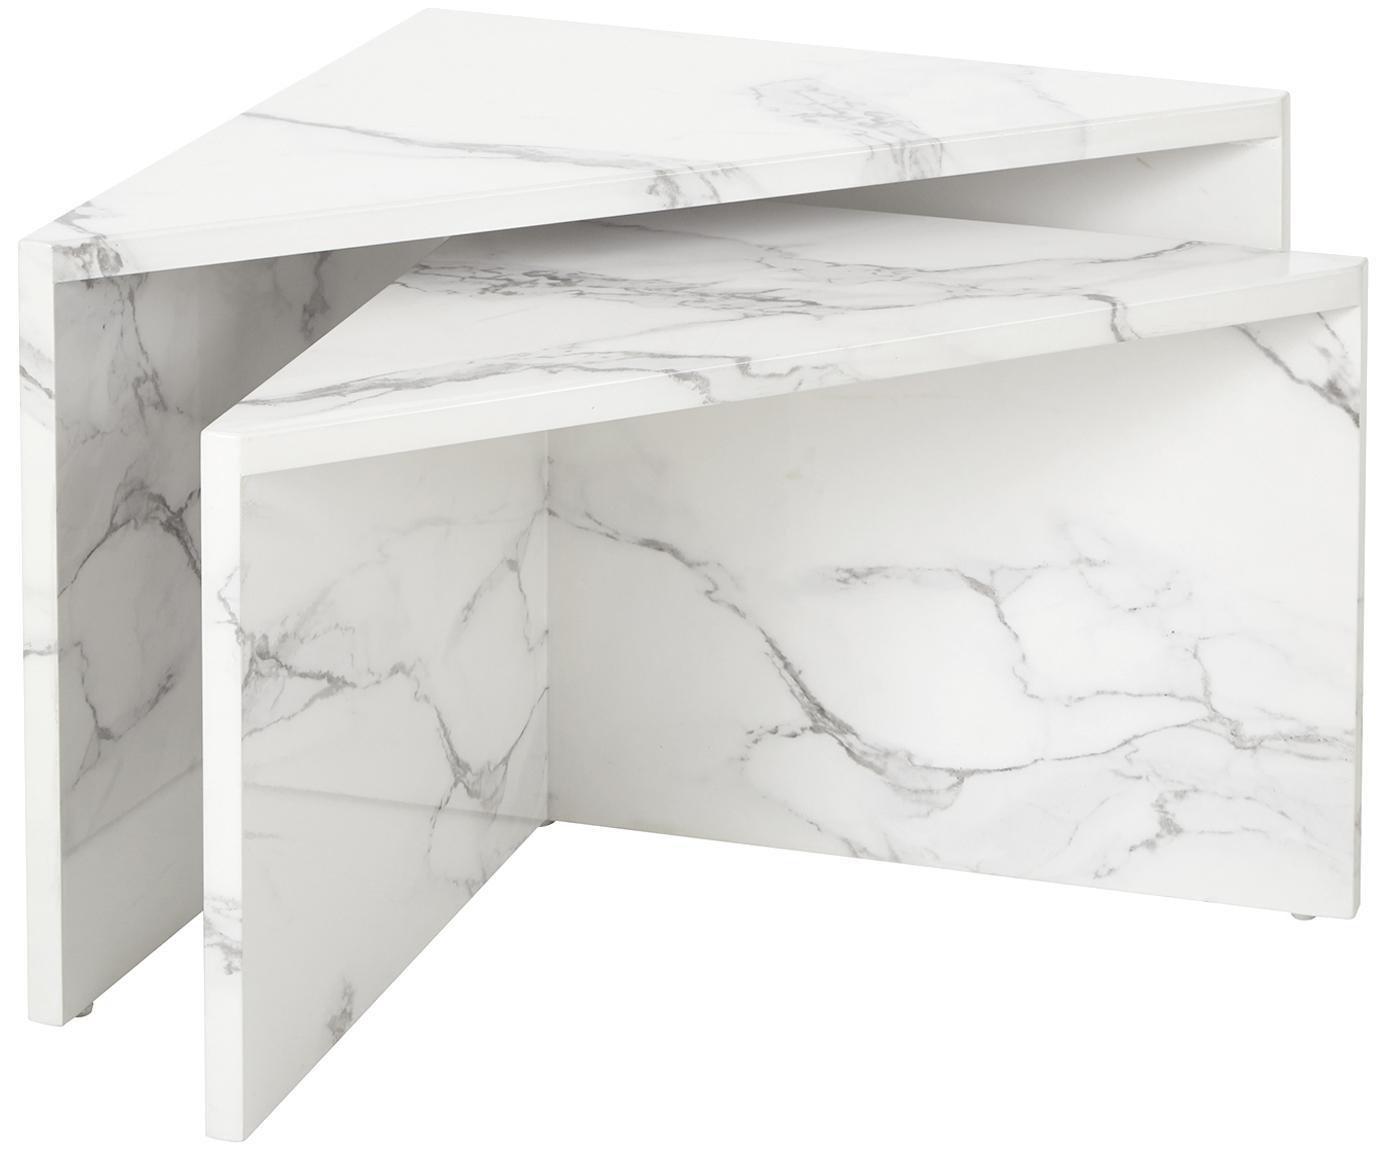 Couchtisch-Set Vilma in Marmor-Optik, 2-tlg., Mitteldichte Holzfaserplatte (MDF), mit lackbeschichtetem Papier in Marmoroptik überzogen, Weiss, marmoriert, glänzend, Verschiedene Grössen